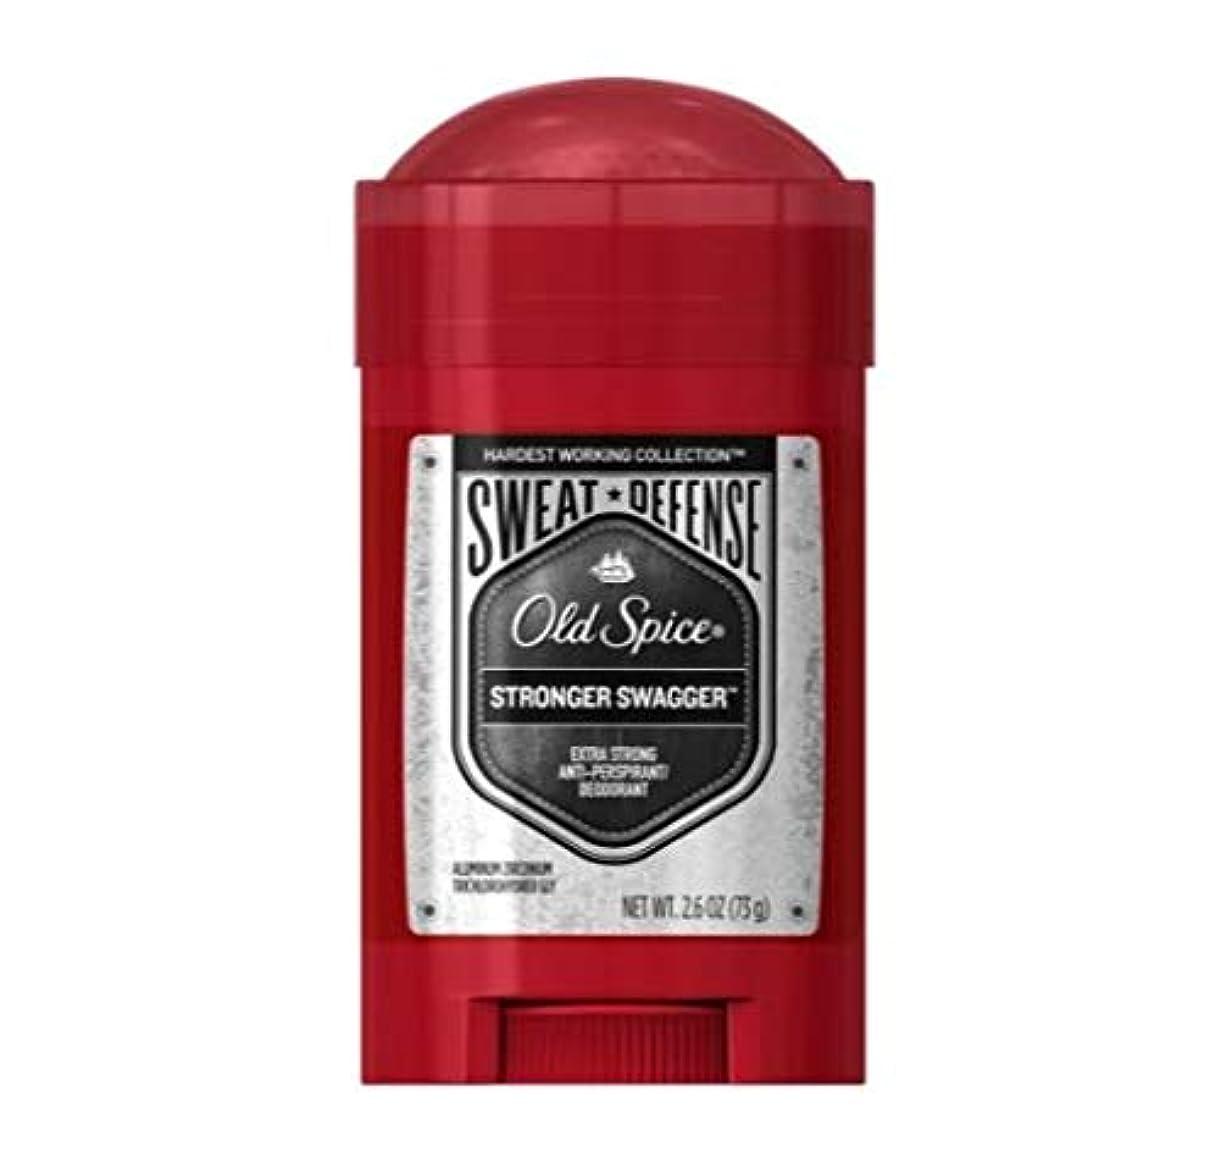 データベースオプショナルスキャンダルOld Spice Hardest Working Collection Sweat Defense Stronger Swagger Antiperspirant and Deodorant - 2.6oz オールドスパイス...